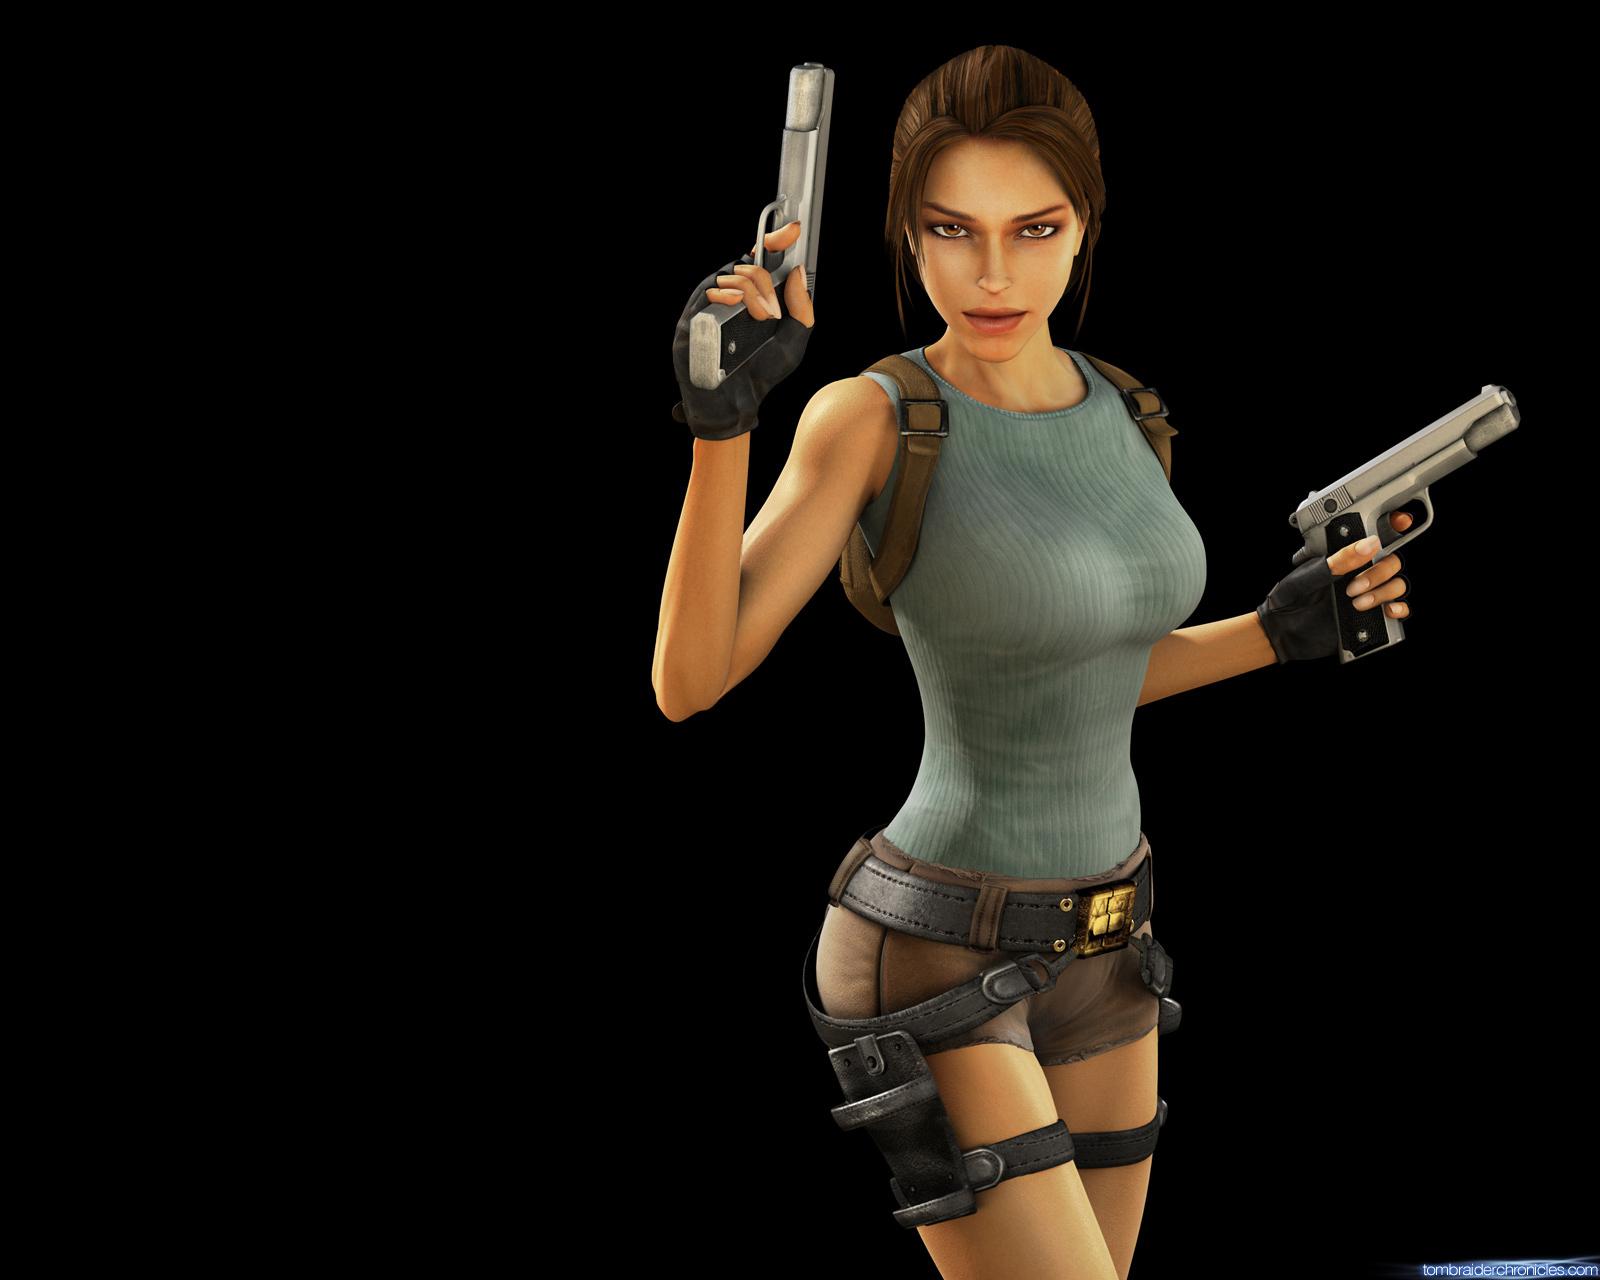 Lara croft cunt raider